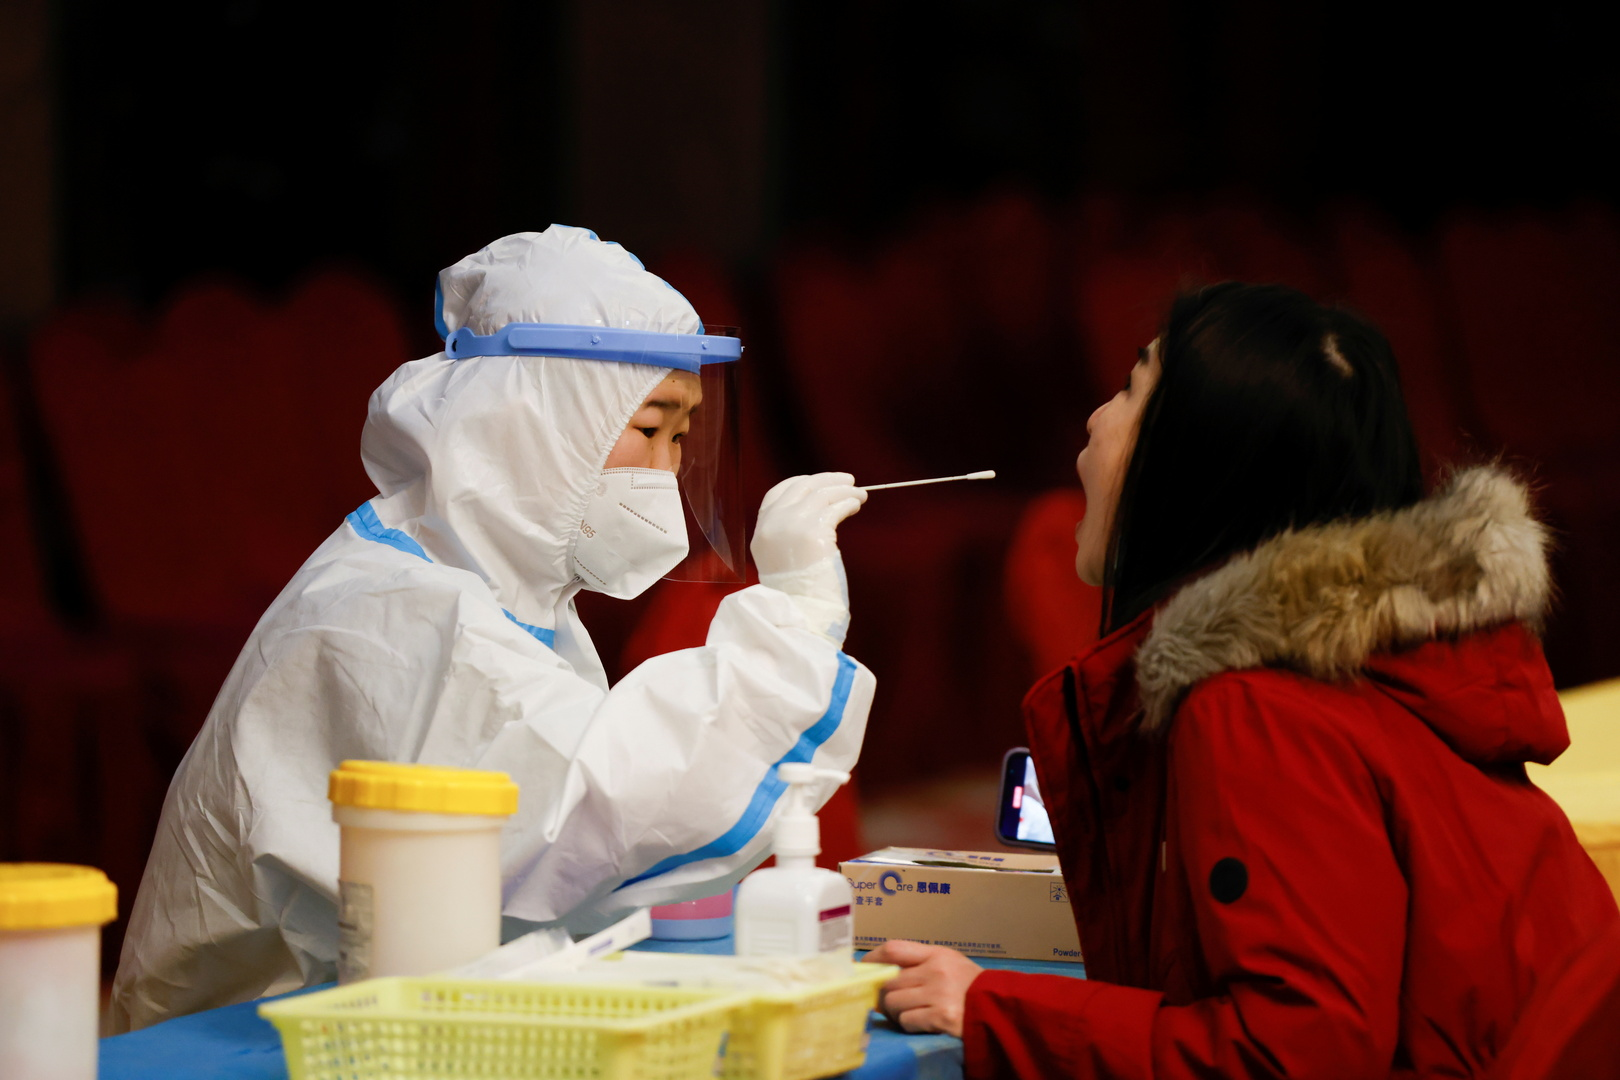 الصين تلزم جميع القادمين إليها بالمسحة الشرجية لأنها الأدق في الكشف عن كورونا!